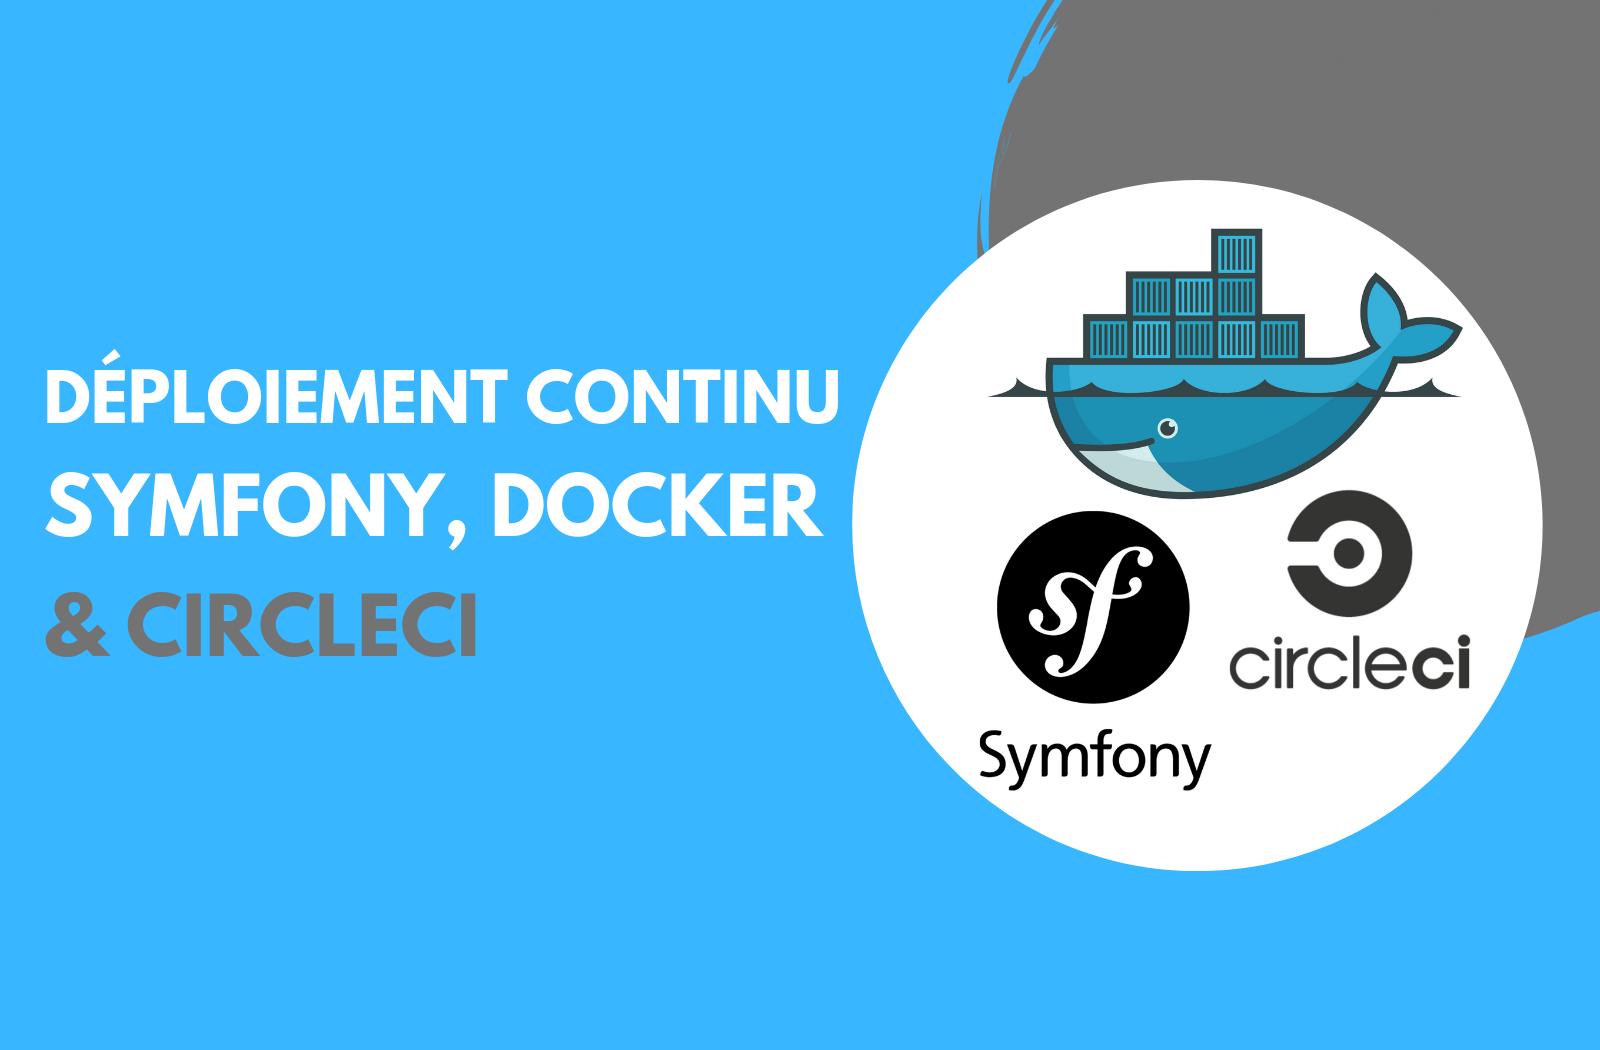 Le déploiement continu en production pour Symfony 5 avec Docker et CircleCI